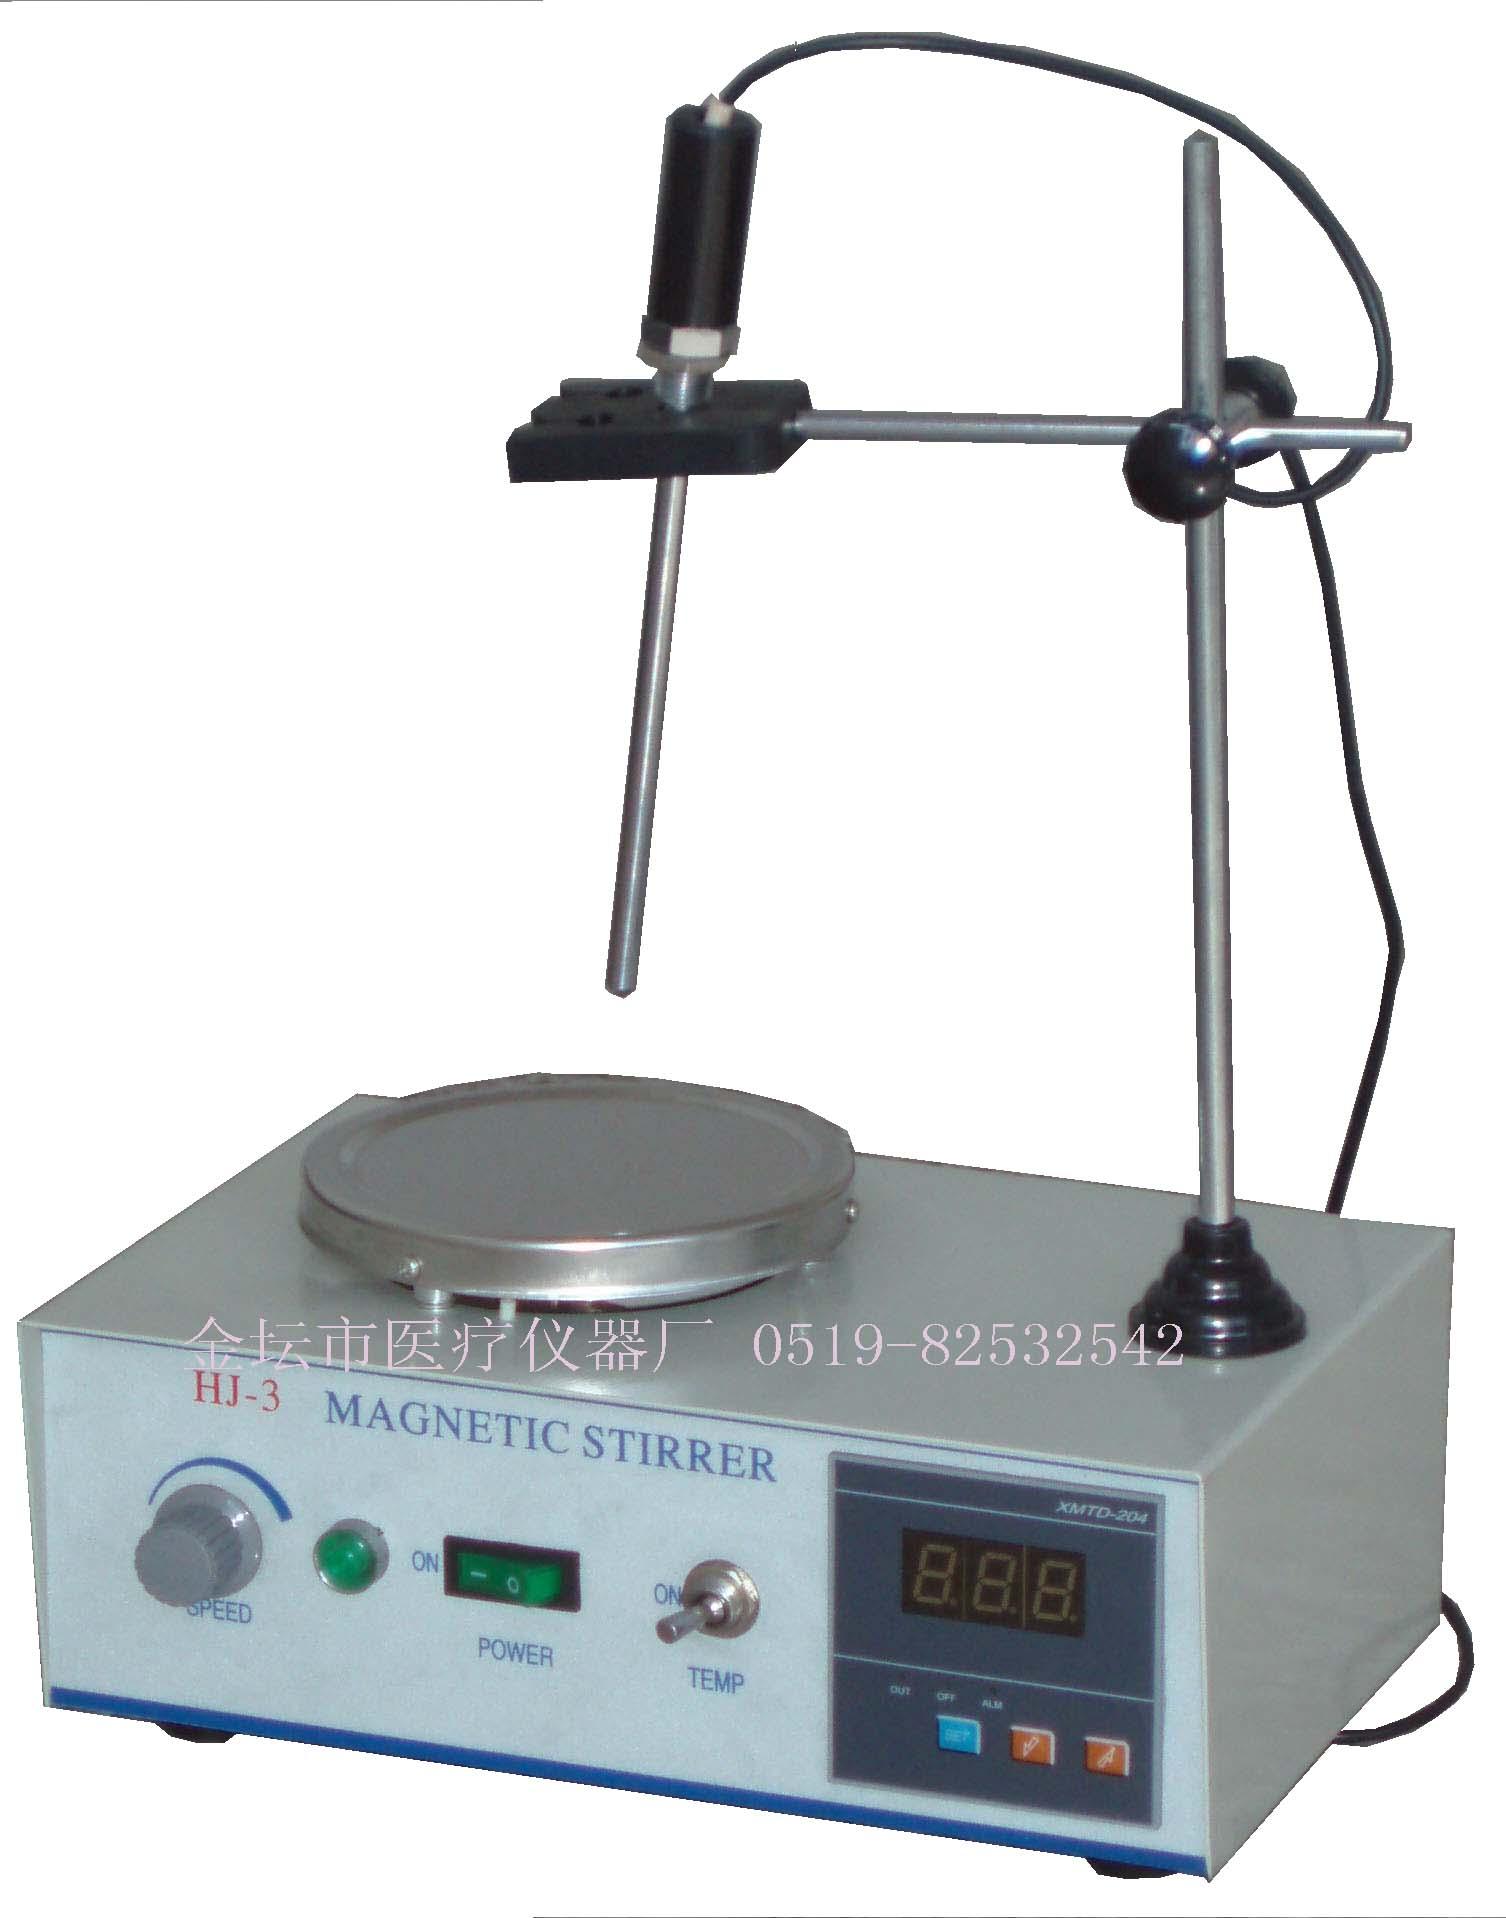 江苏金坛HJ-3恒温磁力搅拌器